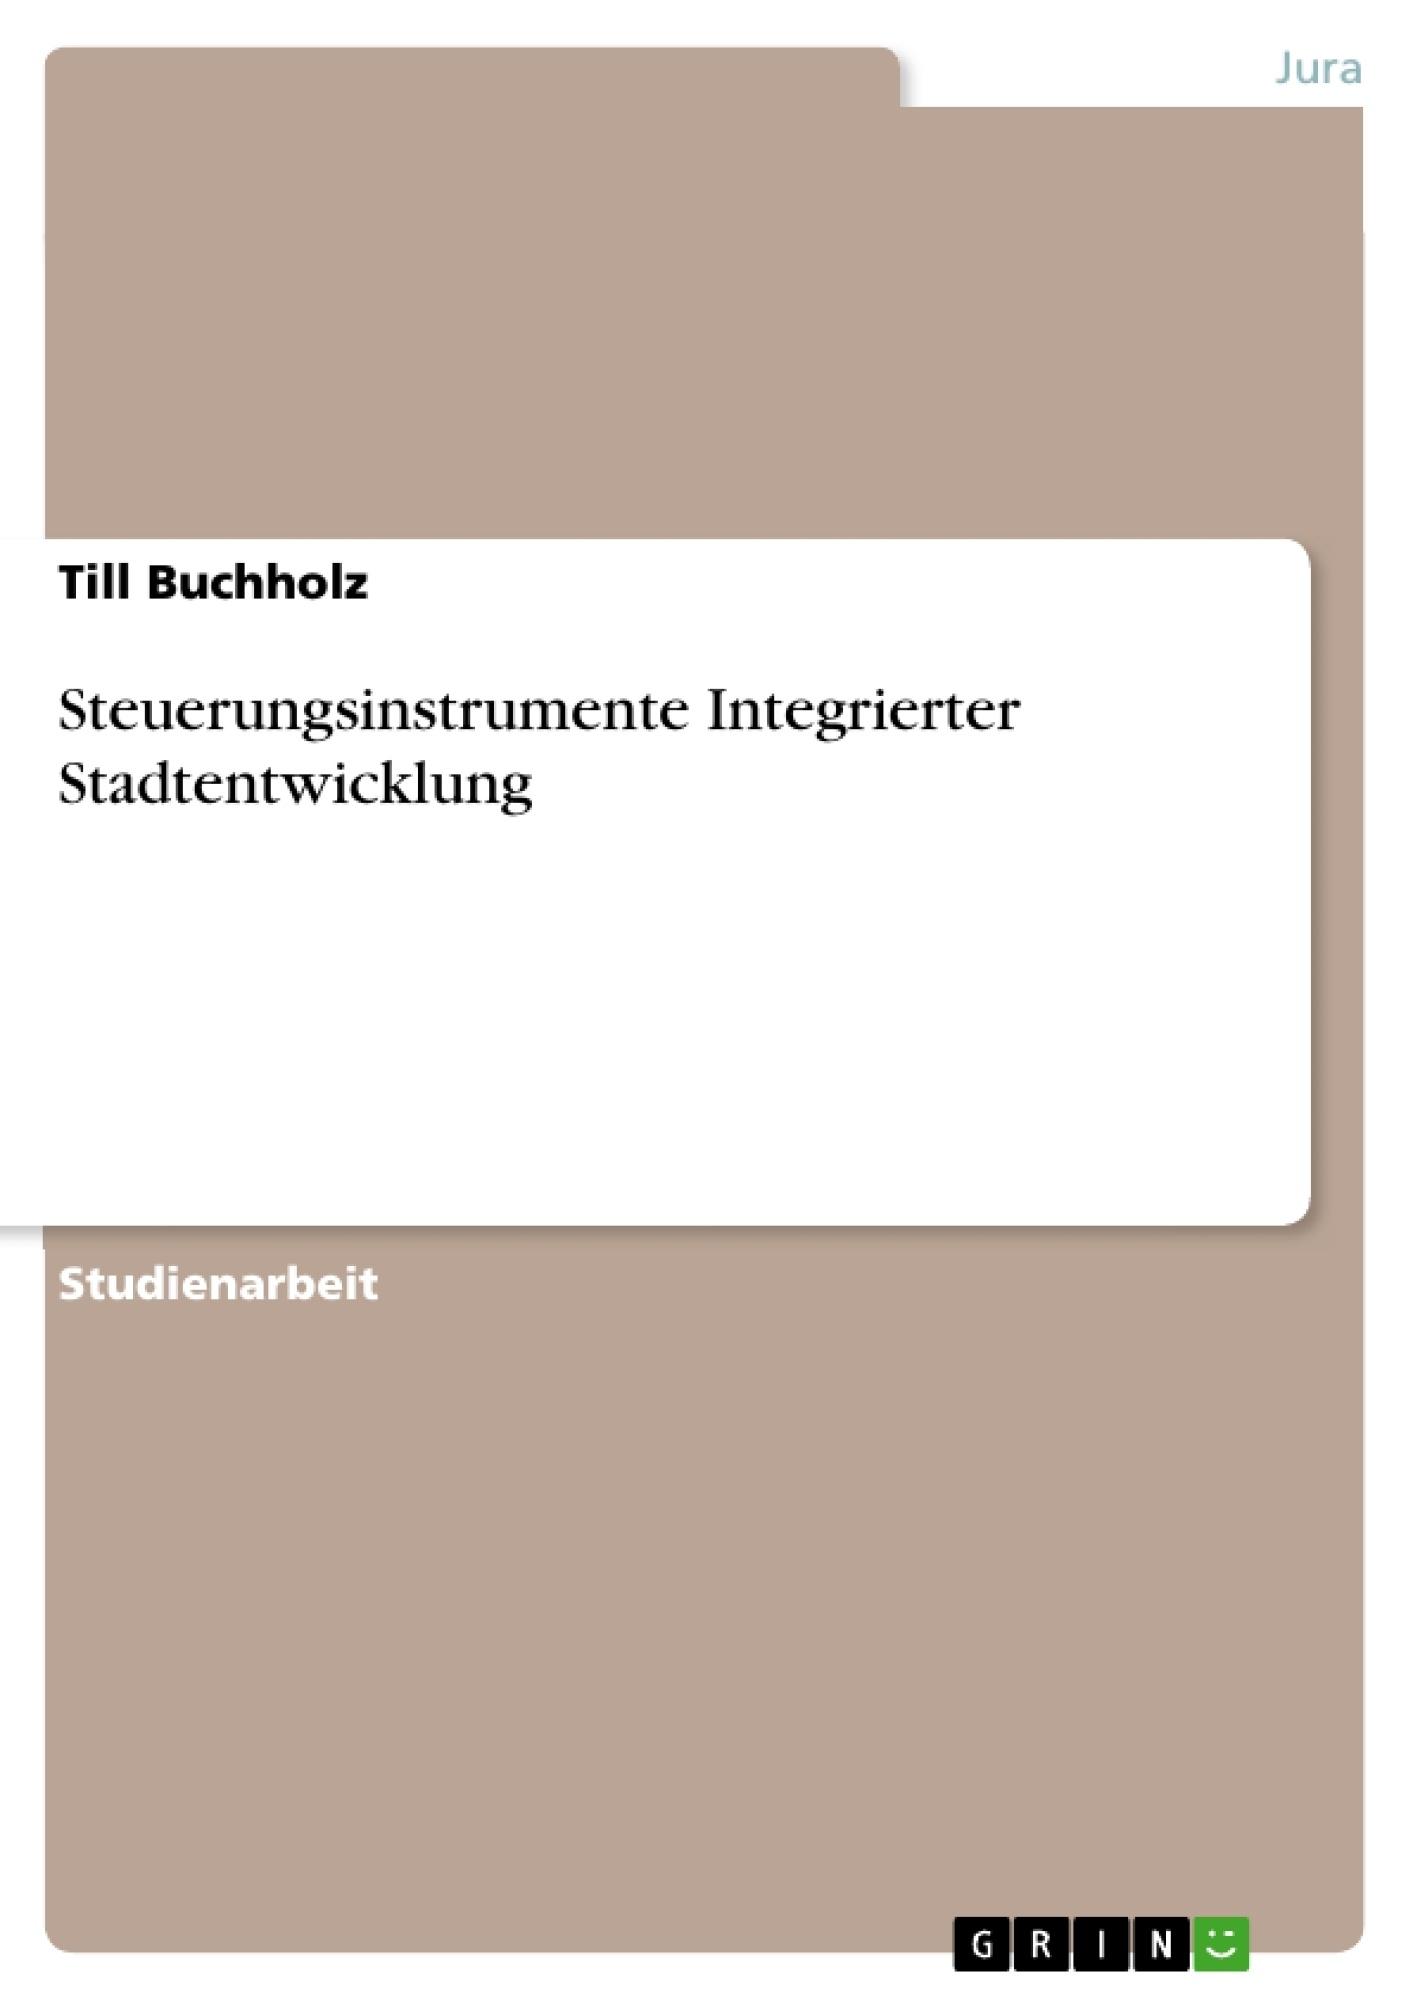 Titel: Steuerungsinstrumente Integrierter Stadtentwicklung